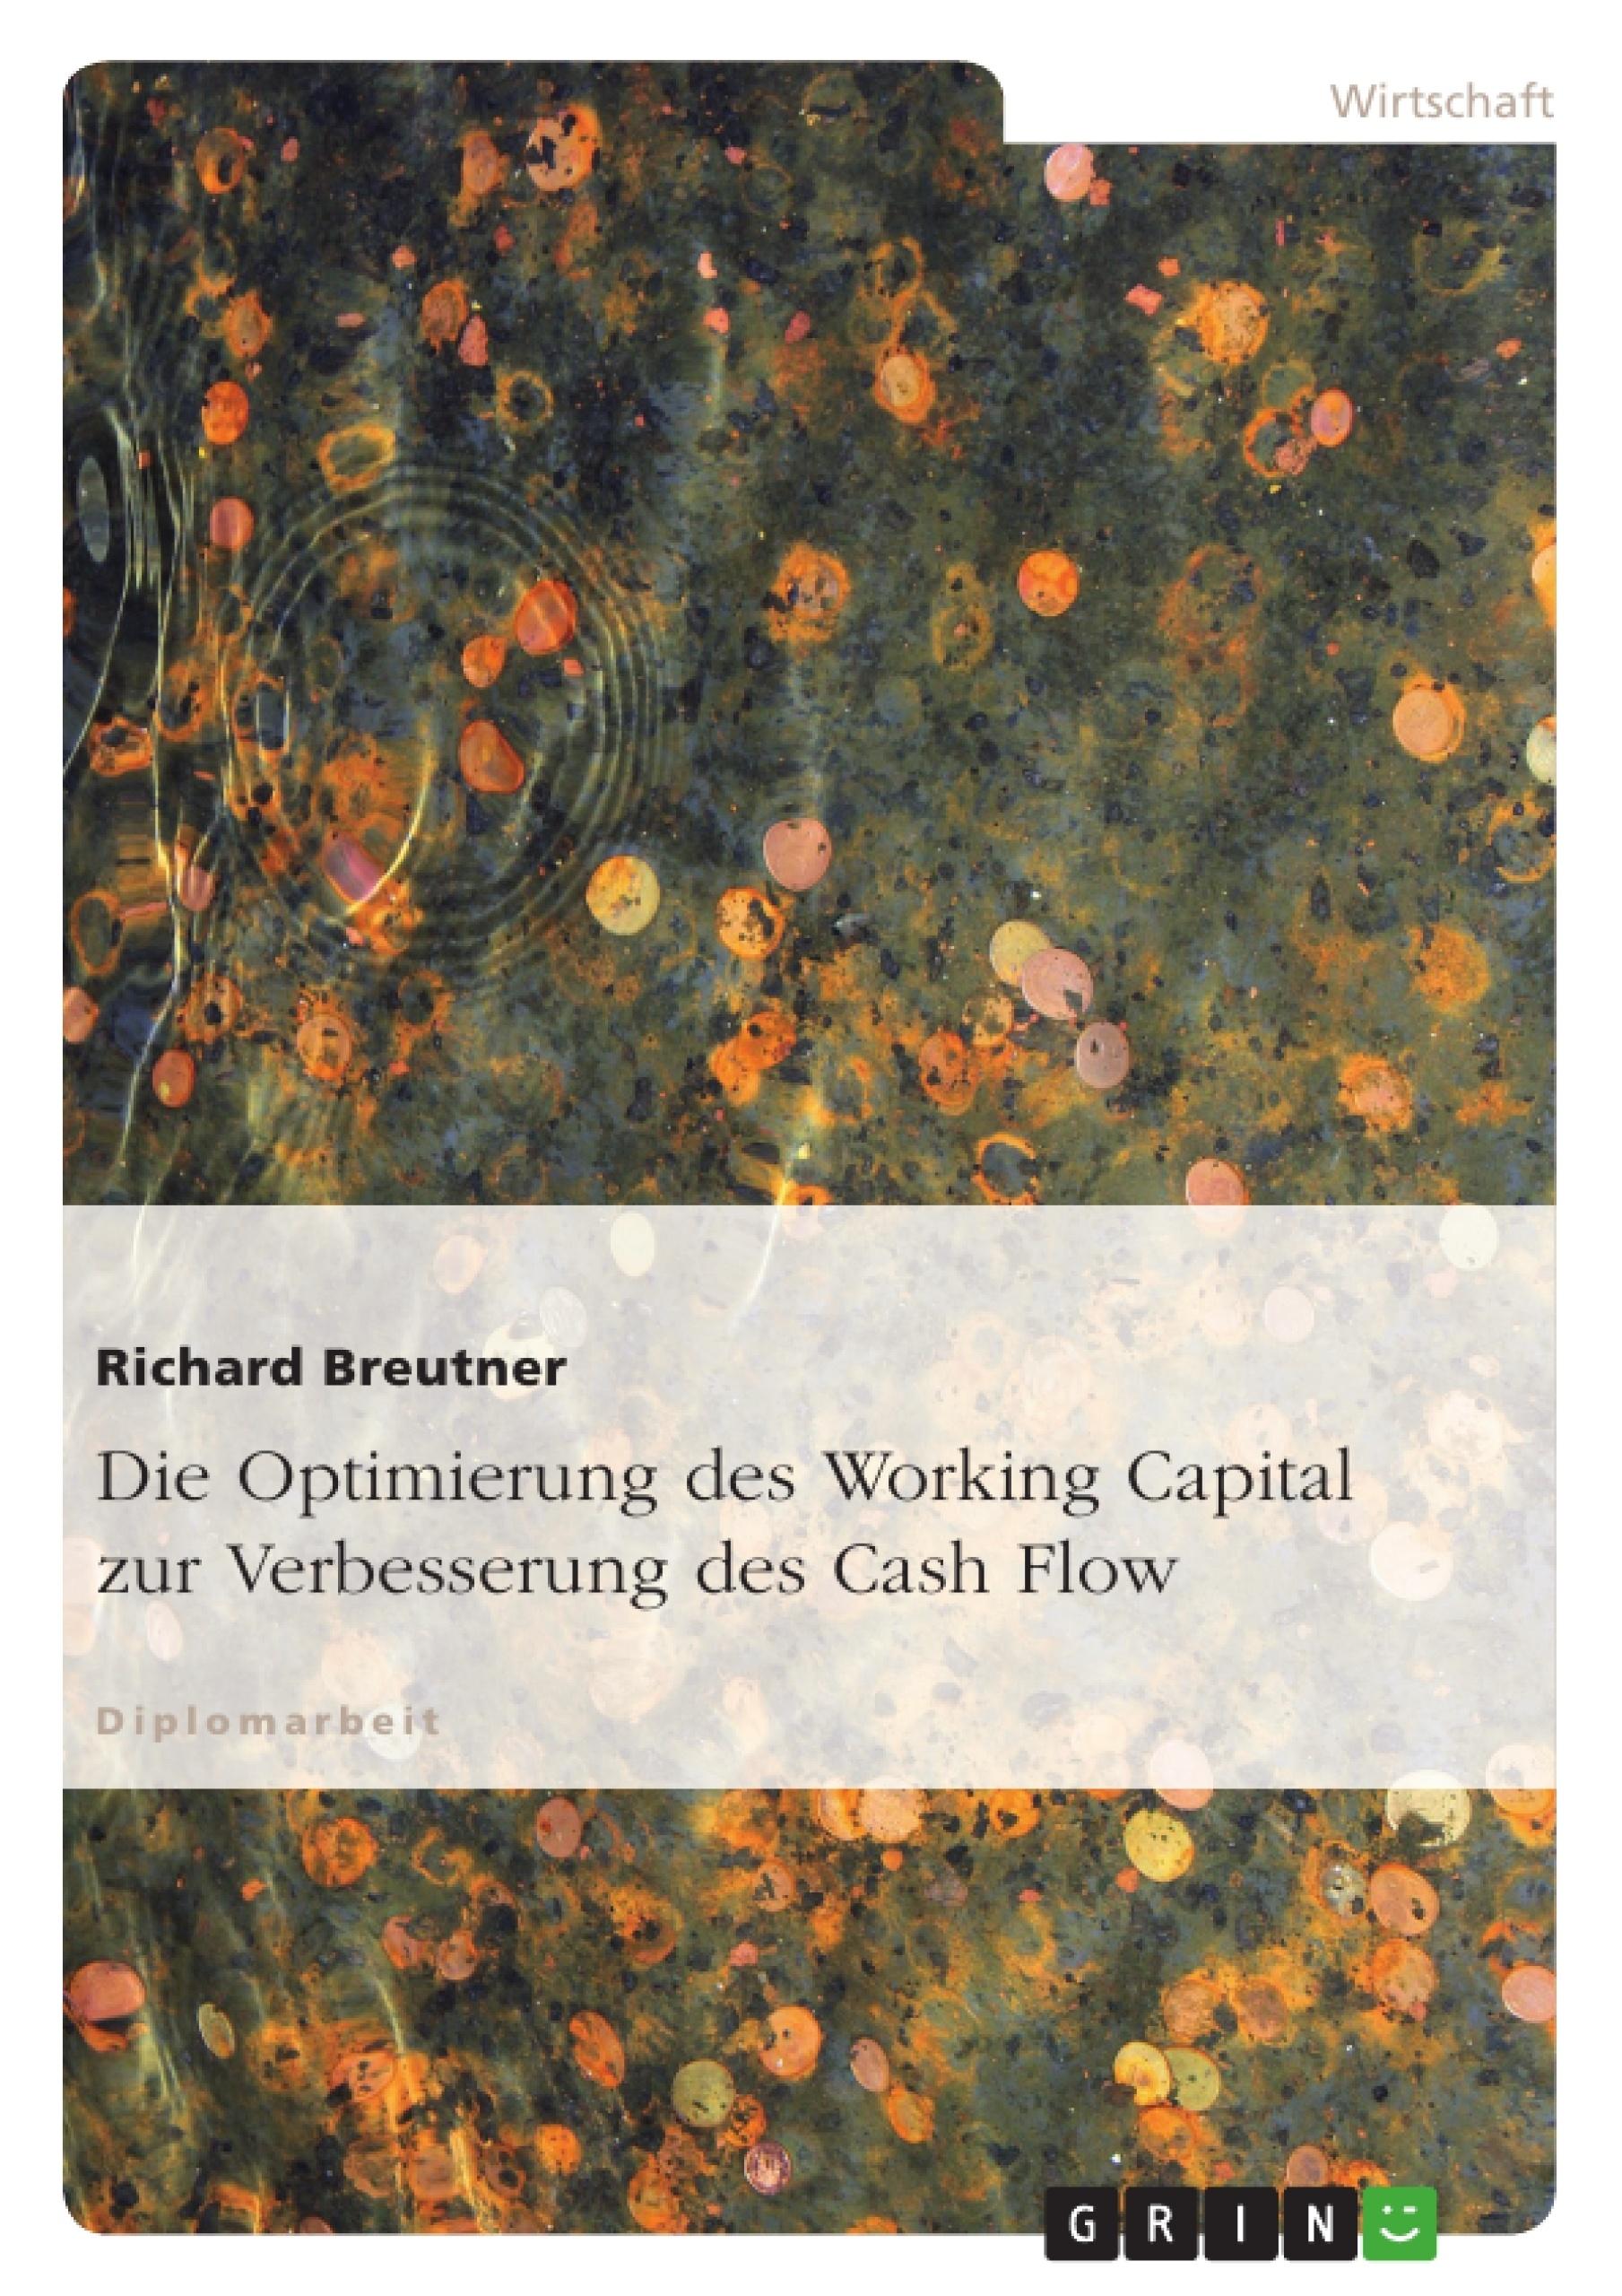 Titel: Die Optimierung des Working Capital zur Verbesserung des Cash Flow